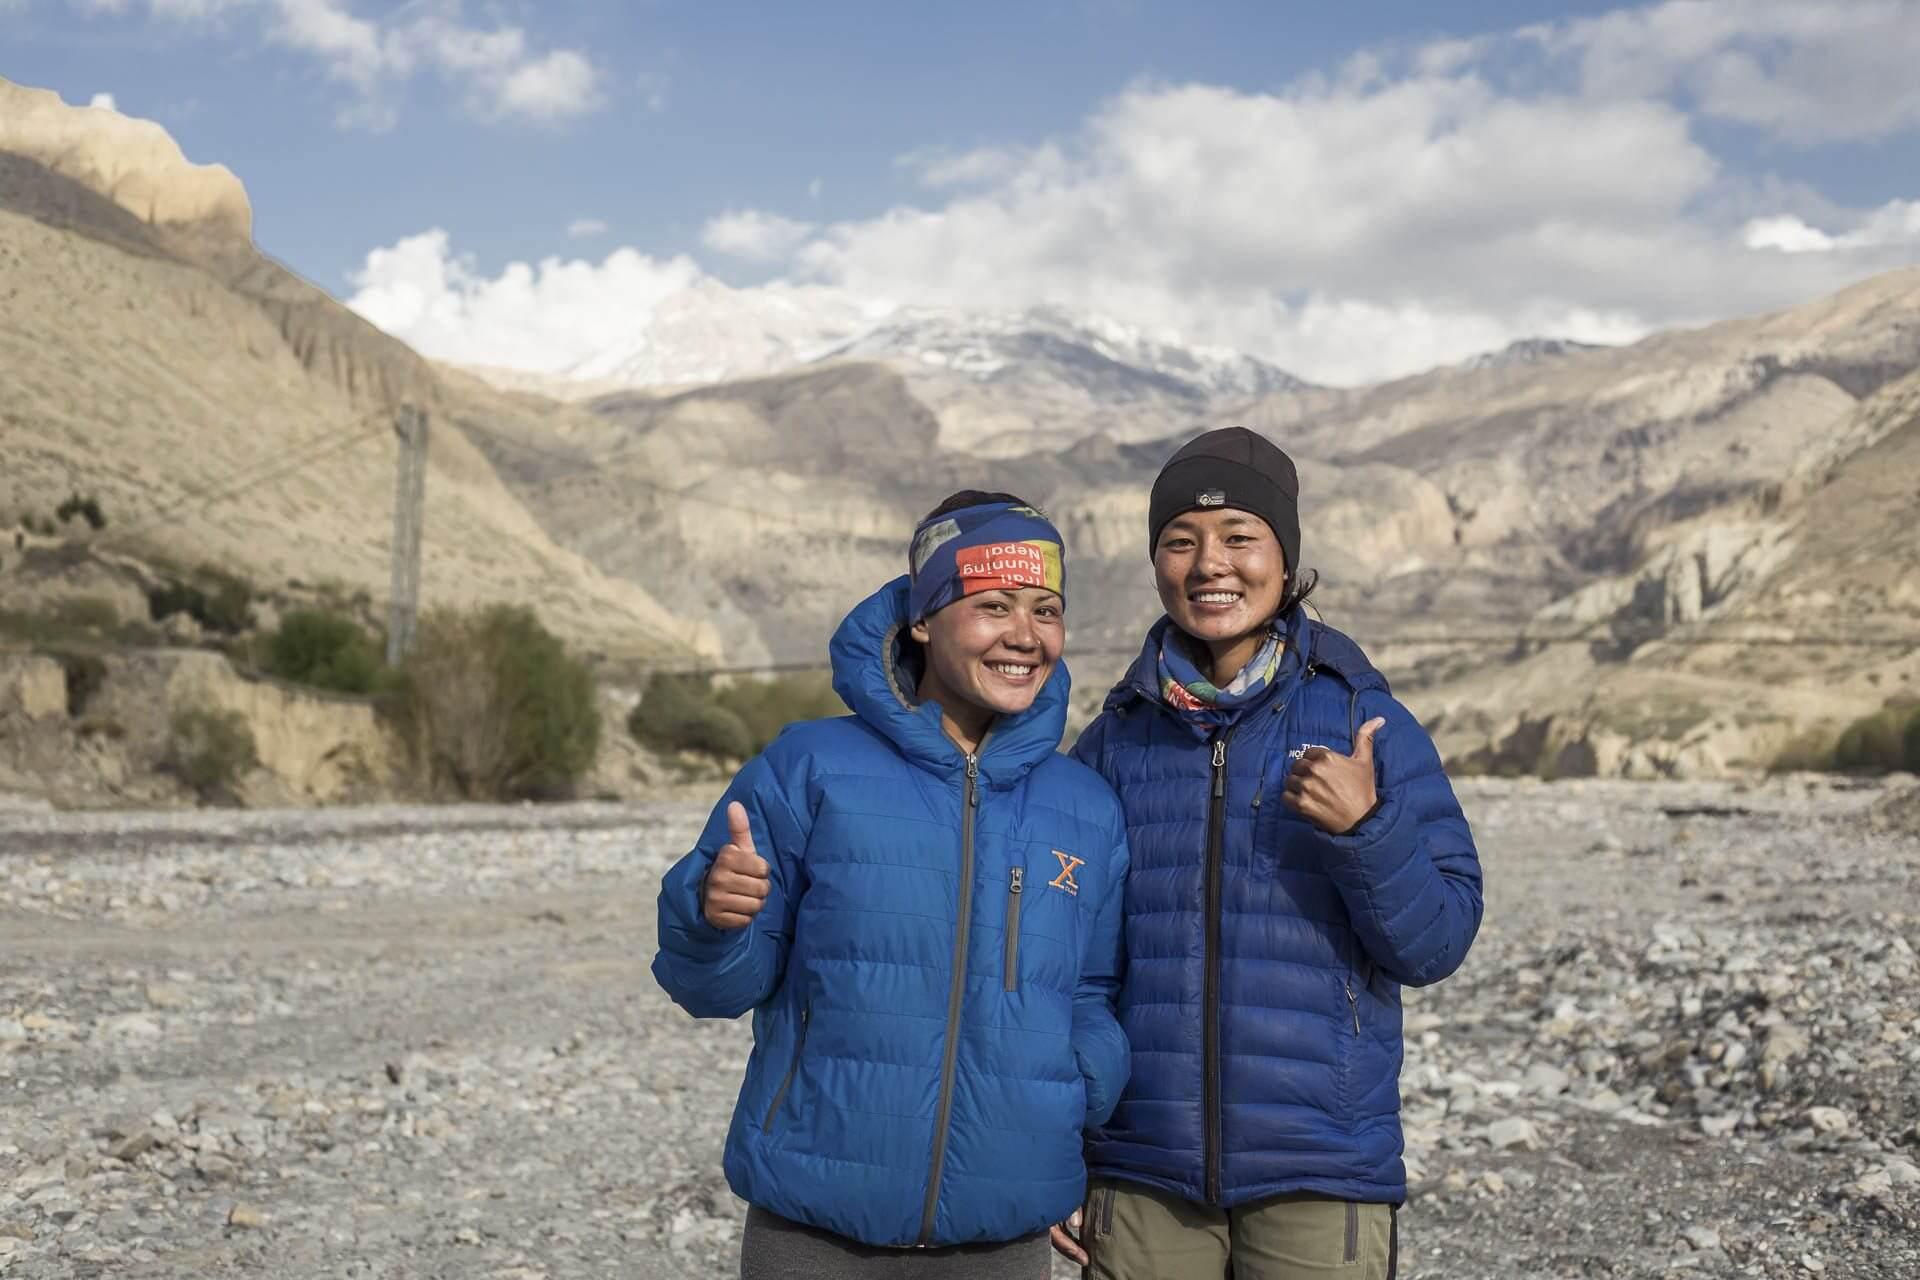 Priya Tamang runner, Rashila Tamang in Mustang